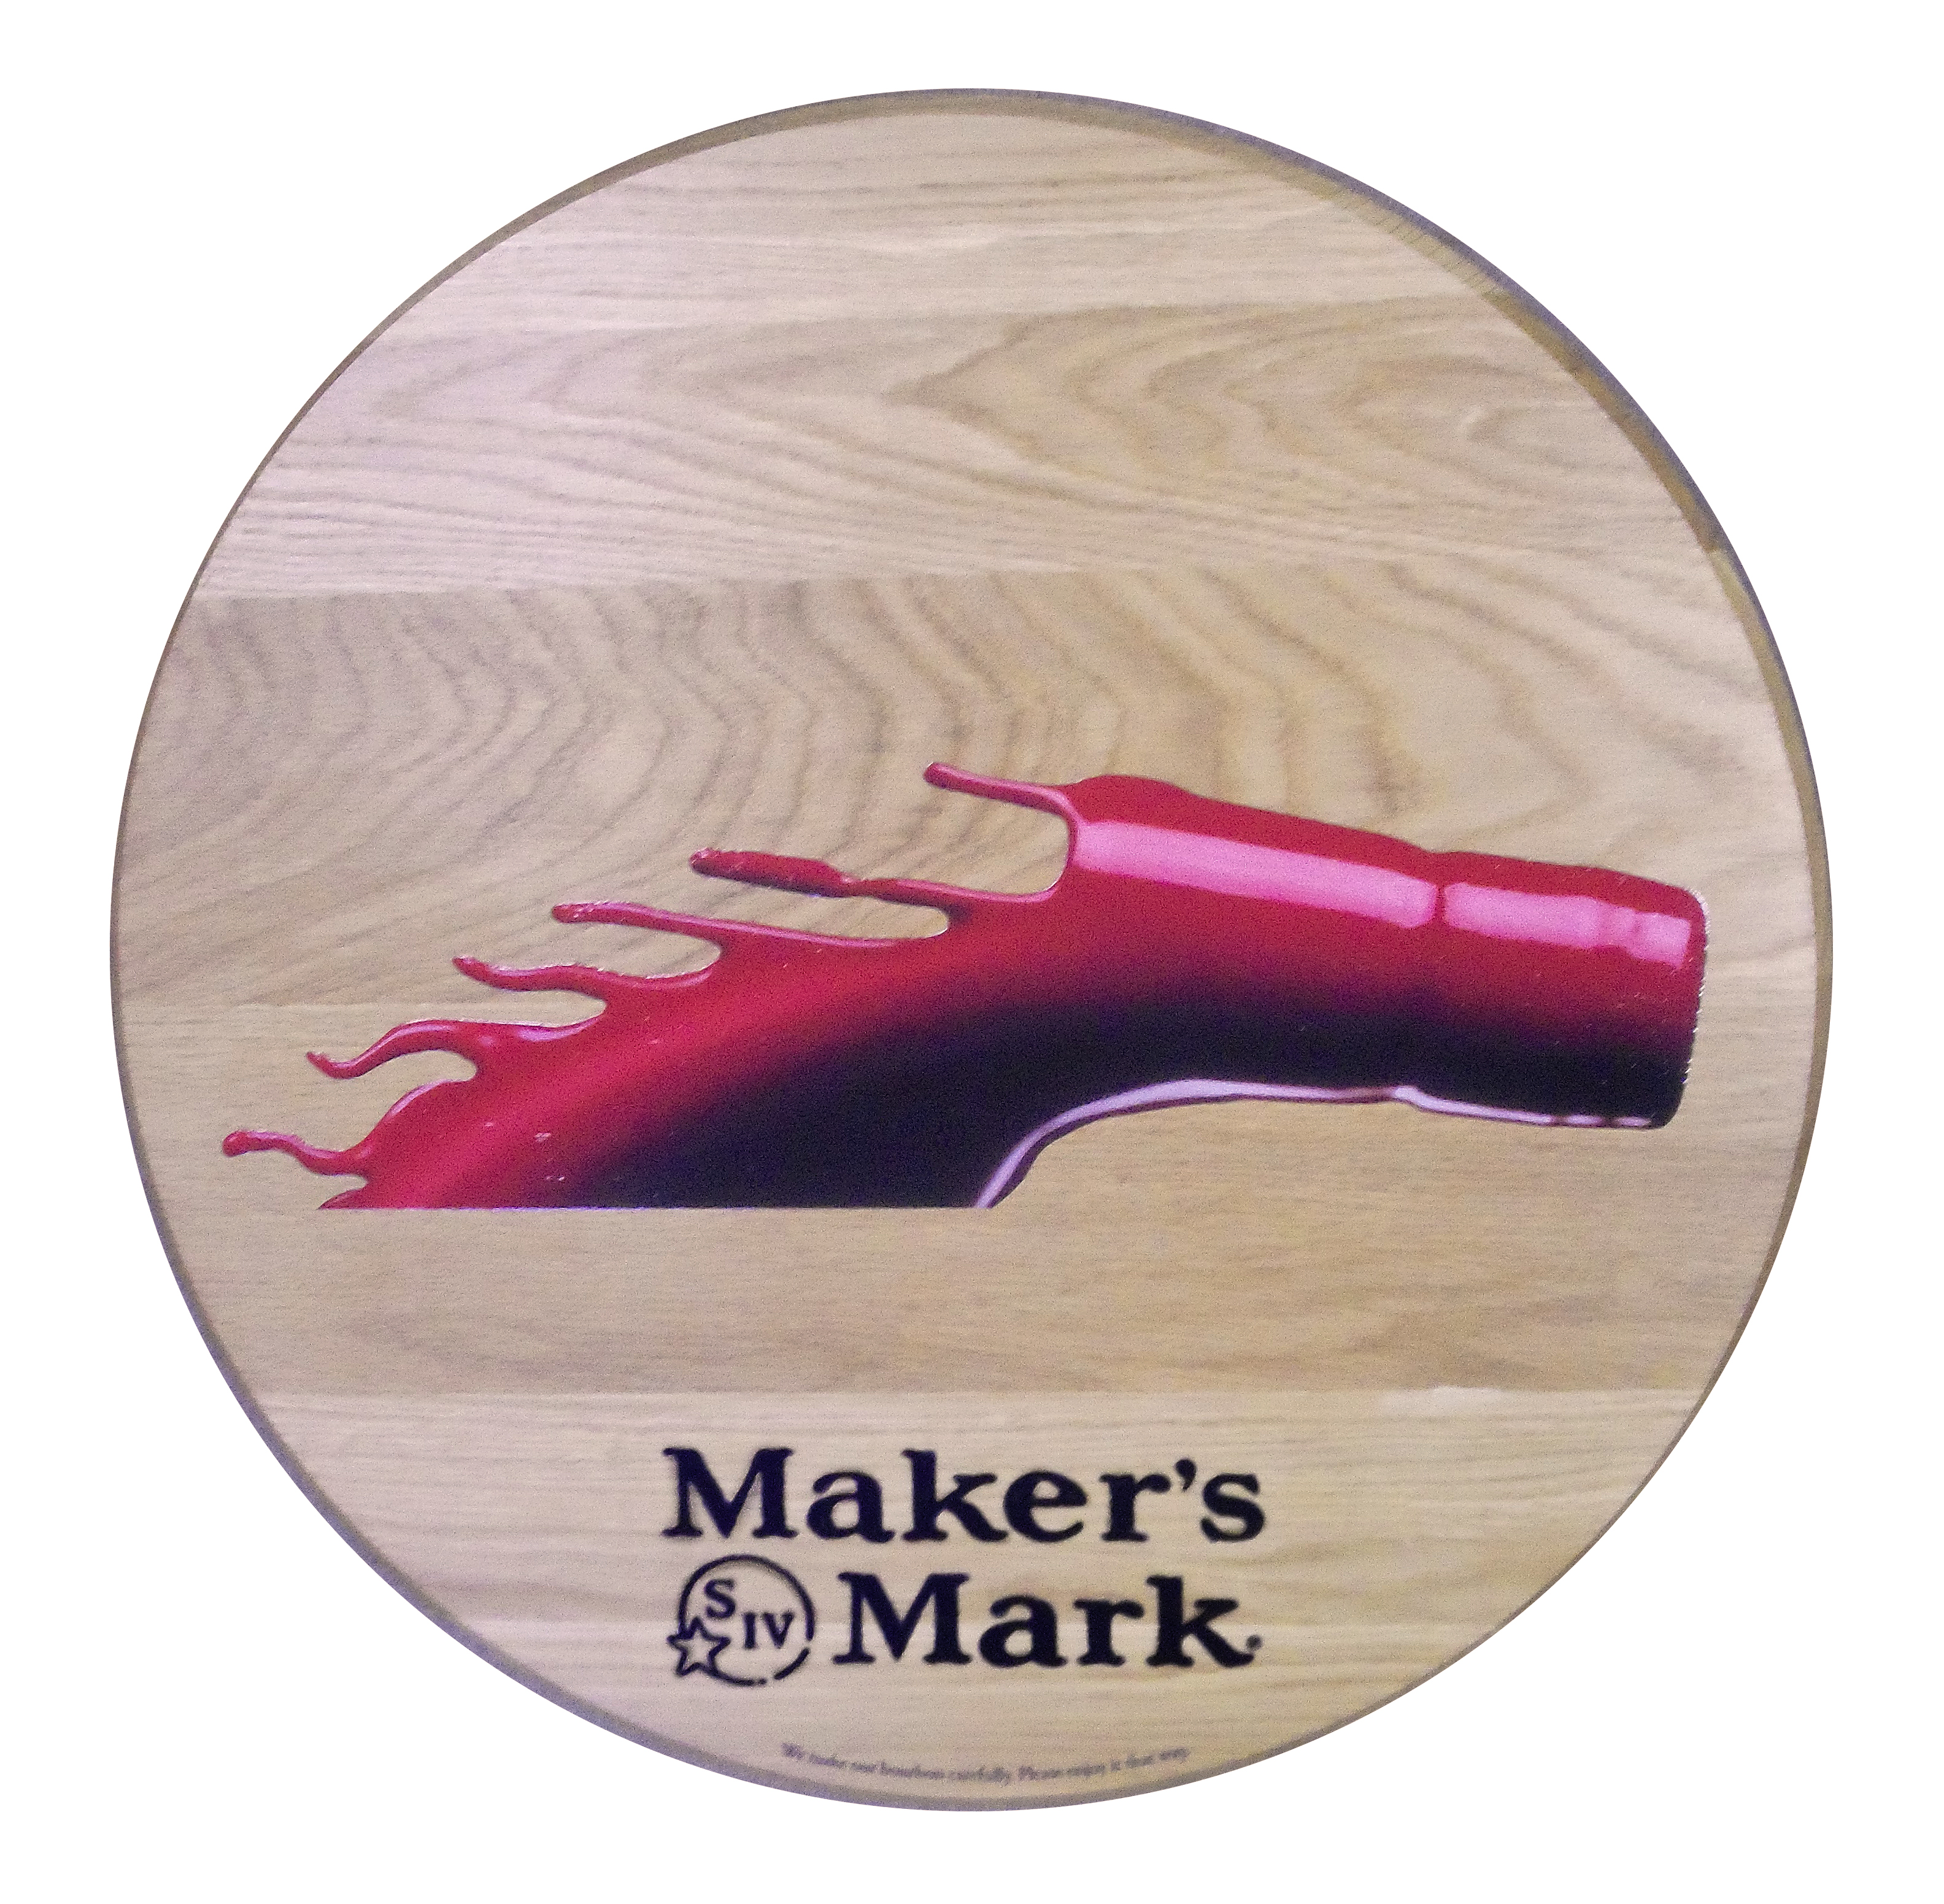 Maker's Mark Horse Barrel Head